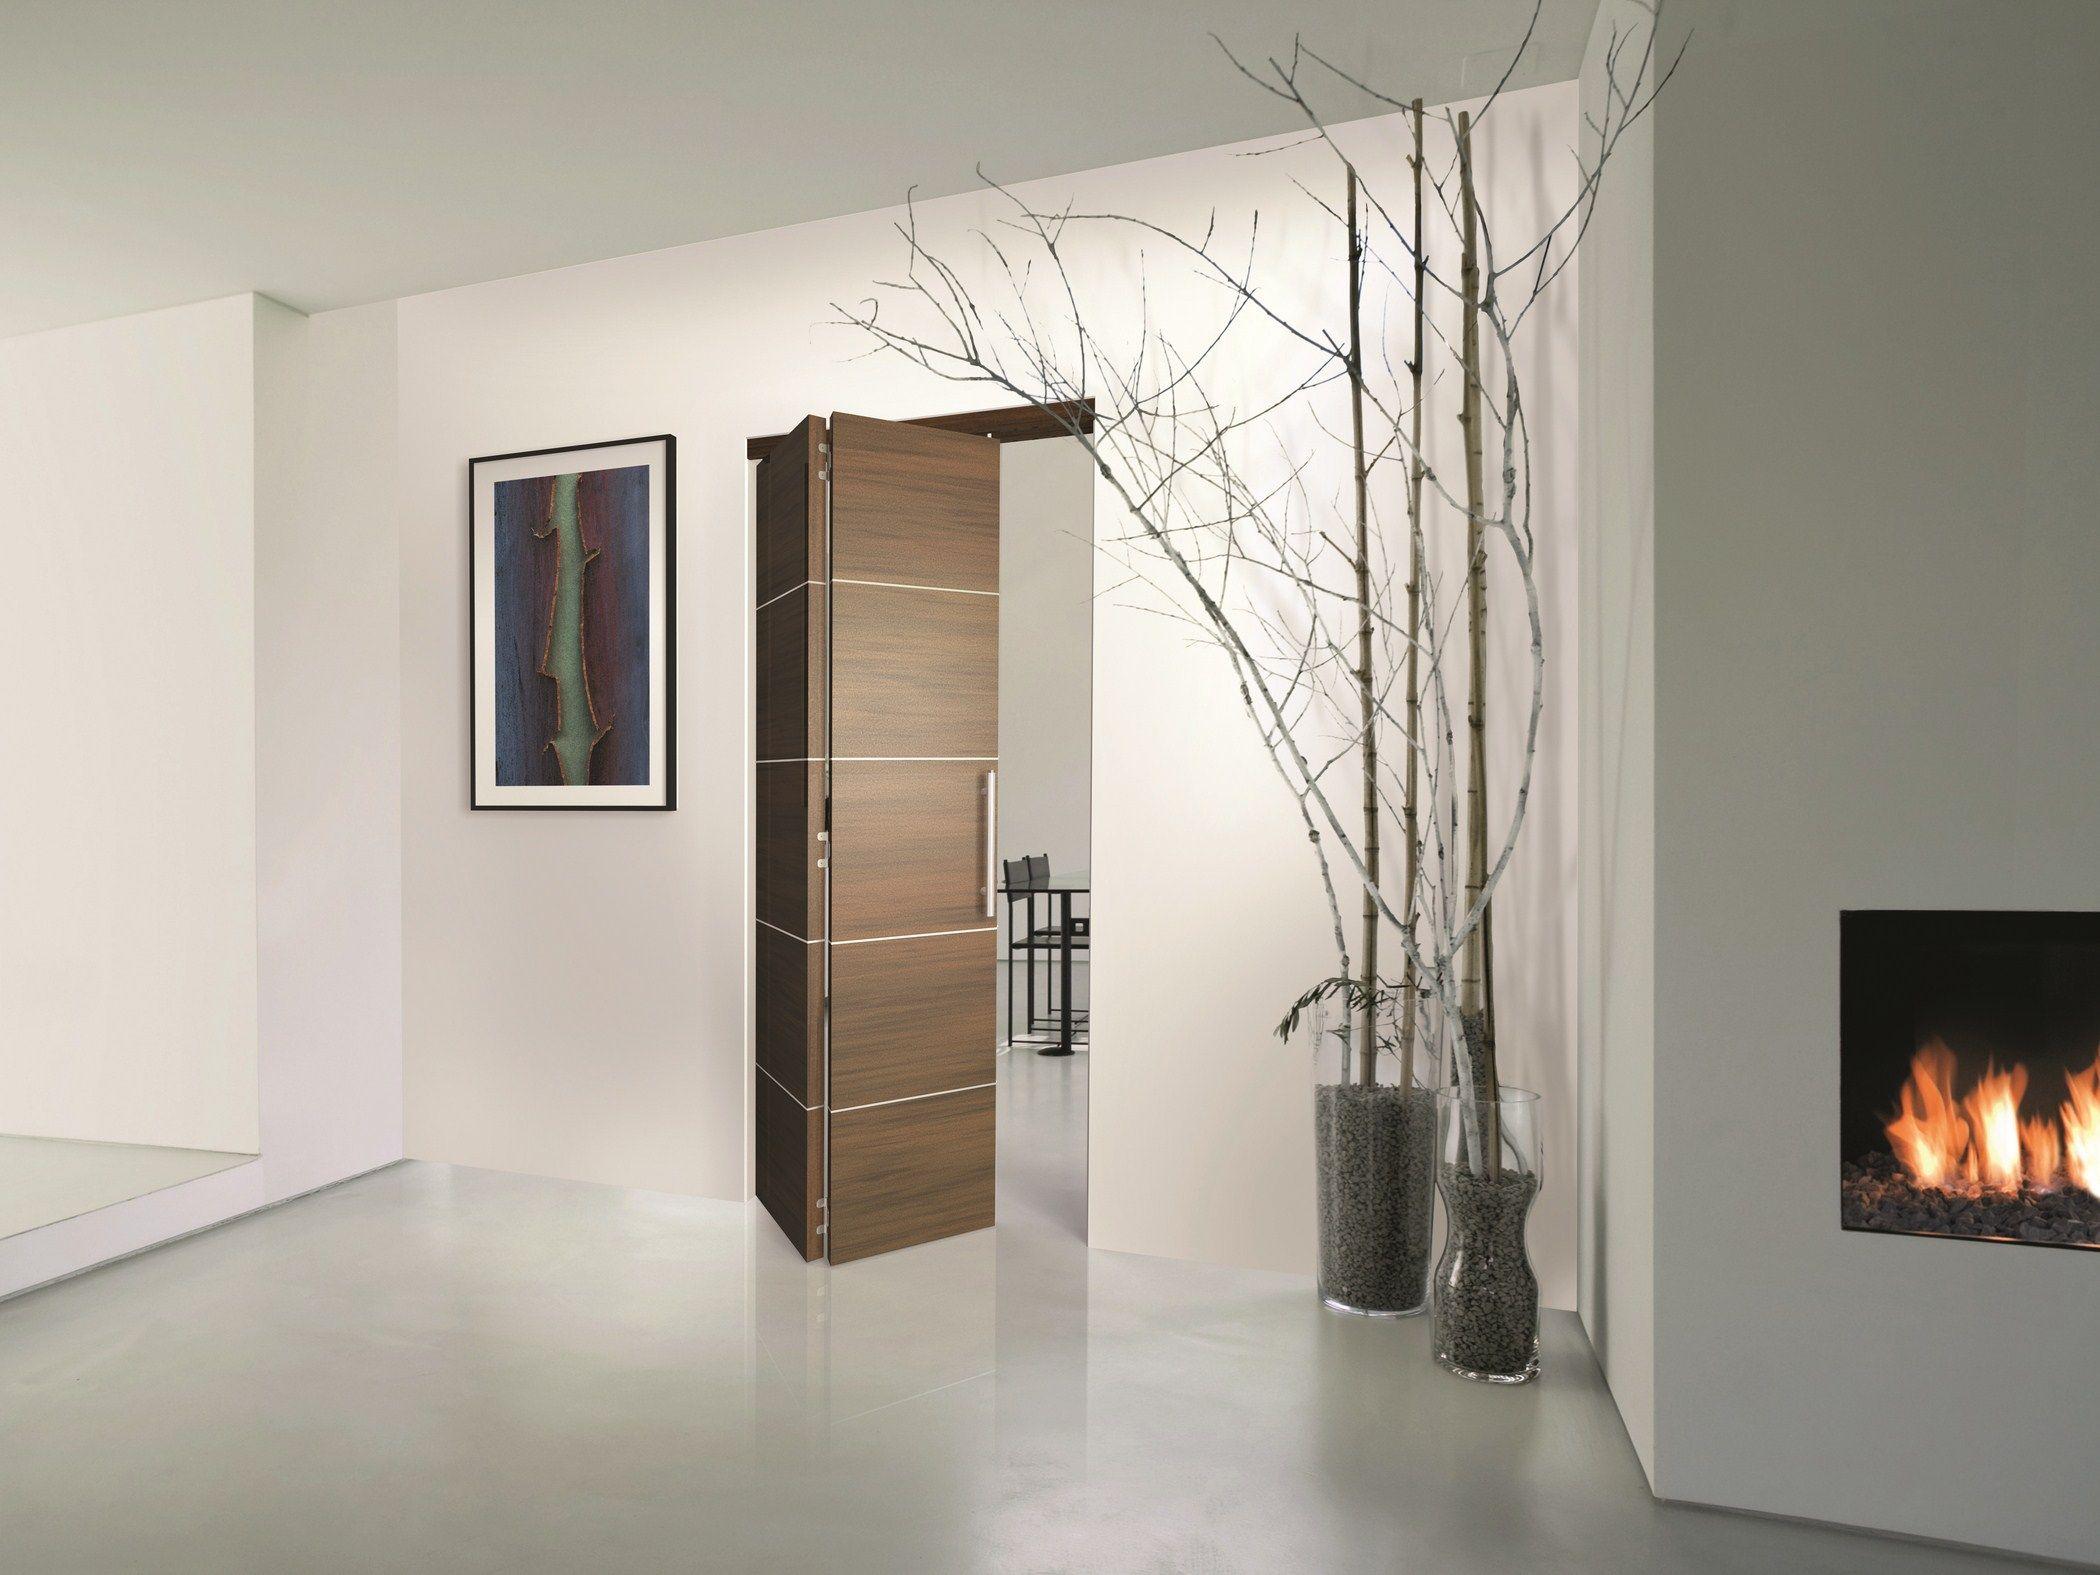 Porte De Séparation Pliante une porte qui coulisse et plie à la fois pour séparer votre